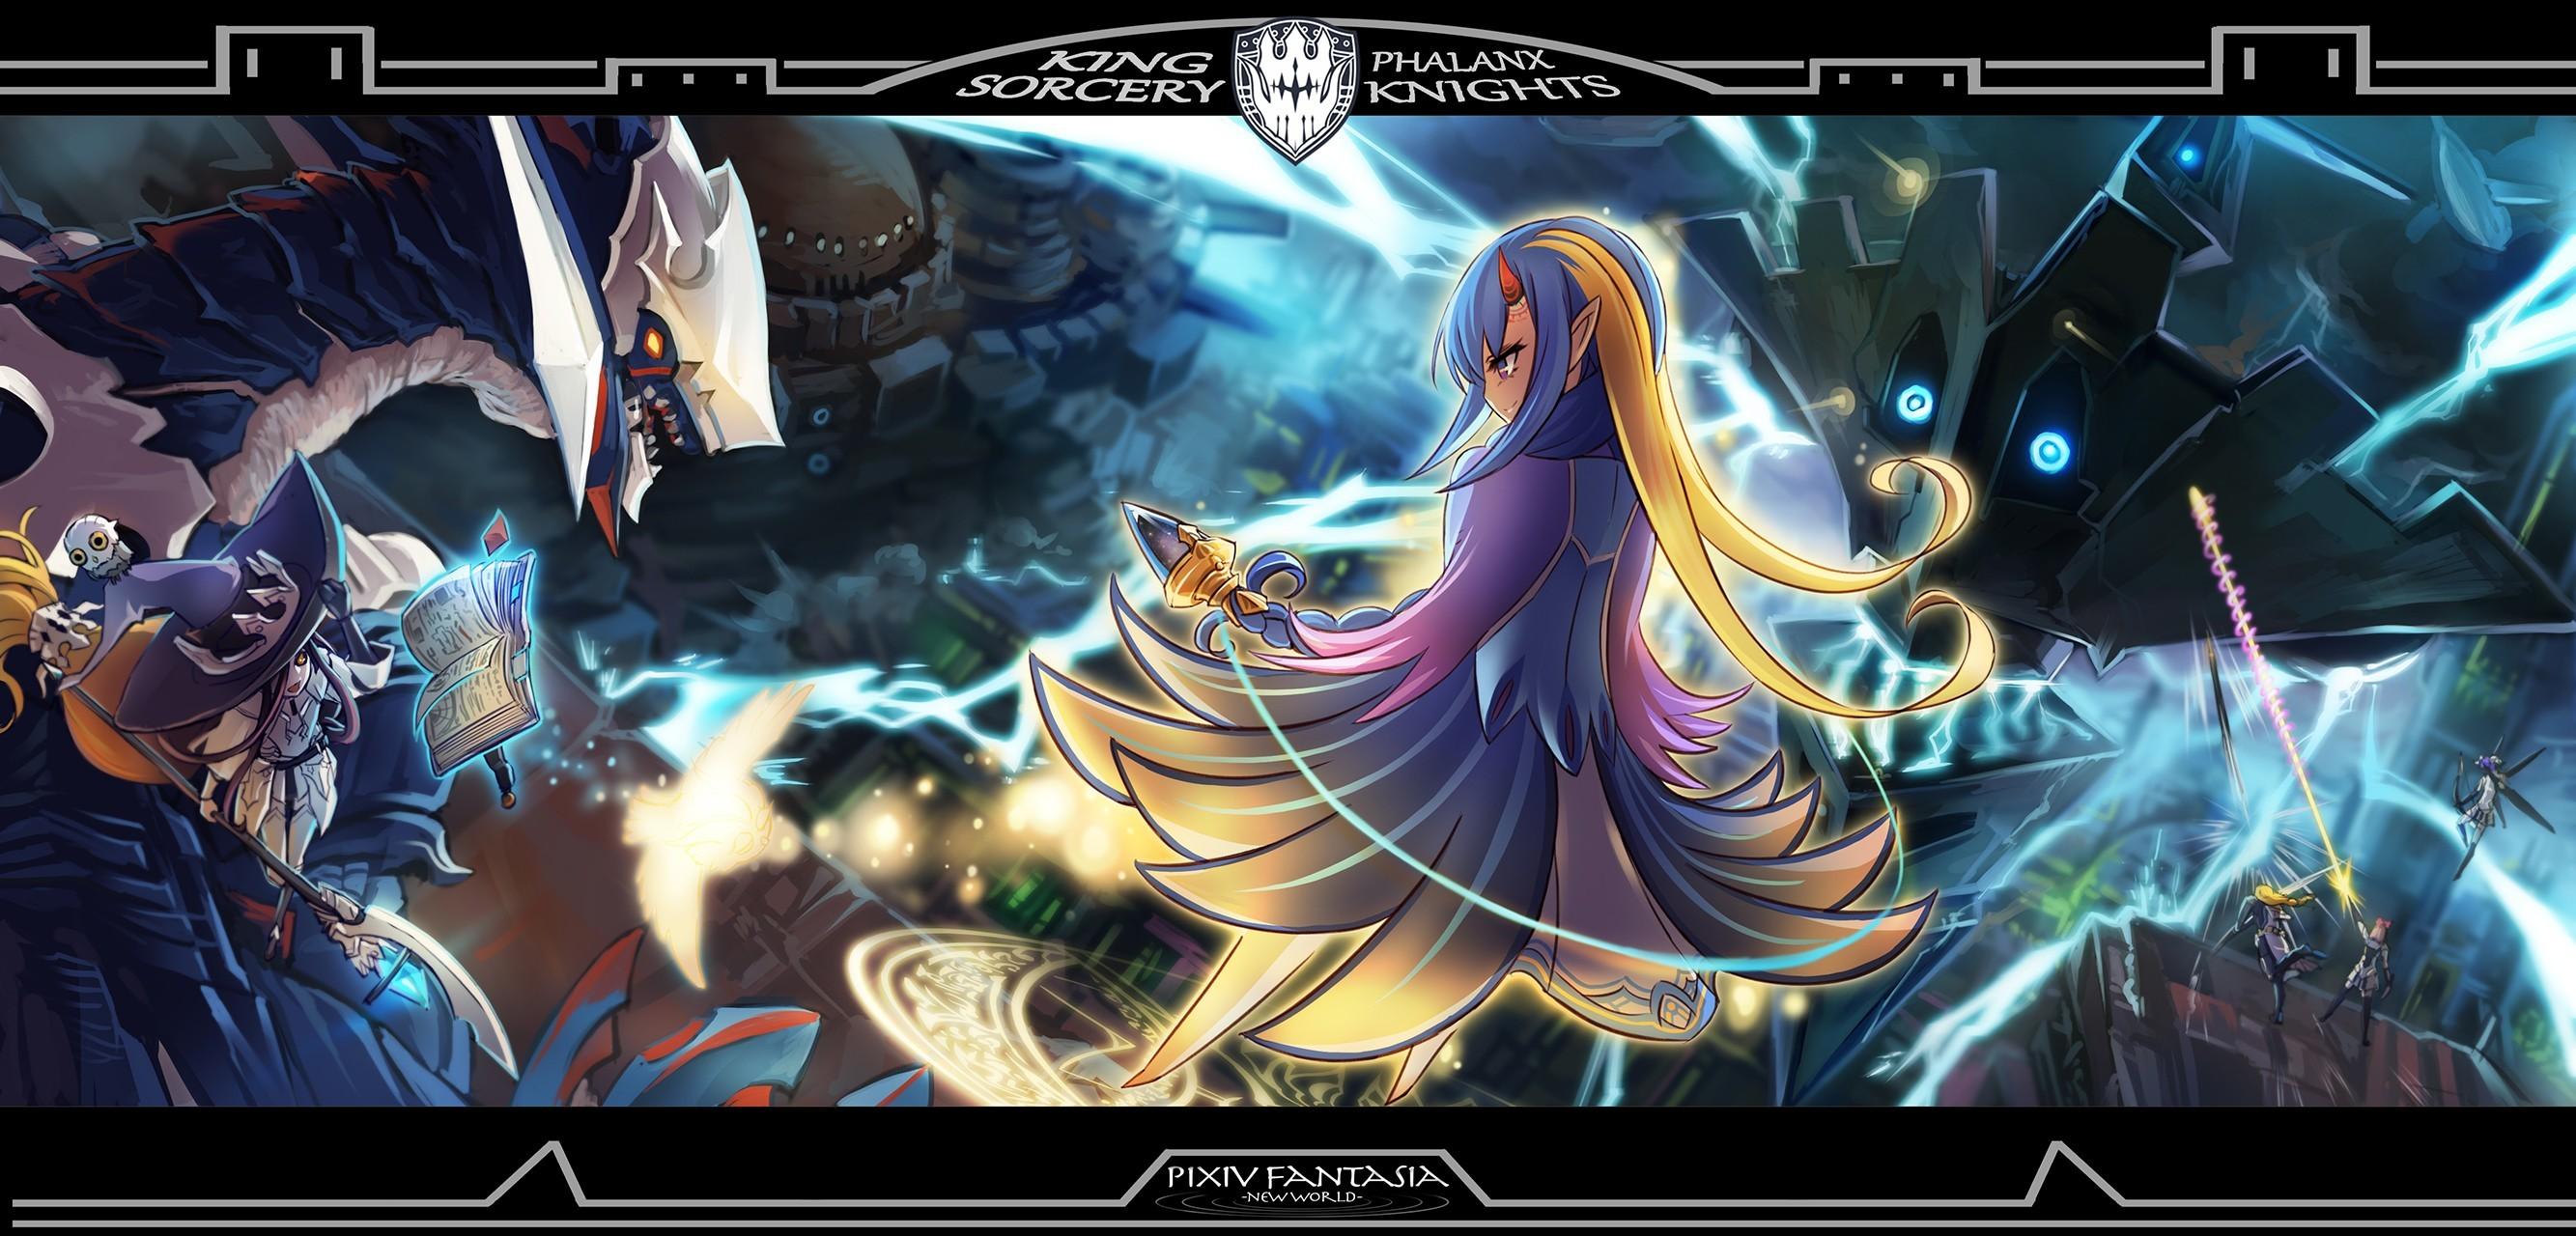 Pixiv Fantasia: New World - Pixiv Fantasia Series - Mobile